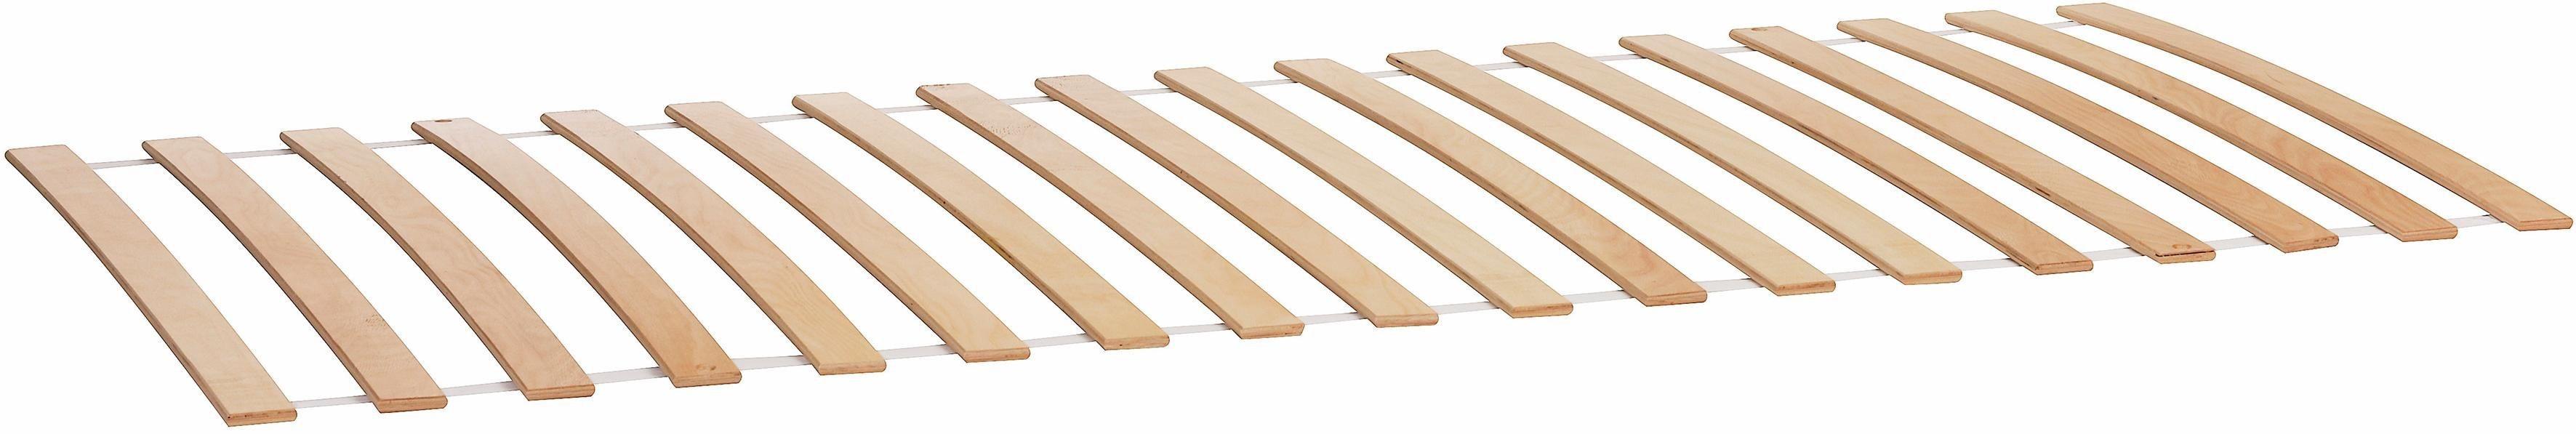 müller möbelwerkstätten® Rollrost für den Designklassiker »STAPELLIEGE«   Schlafzimmer > Lattenroste > Rollroste   müller möbelwerkstätten®